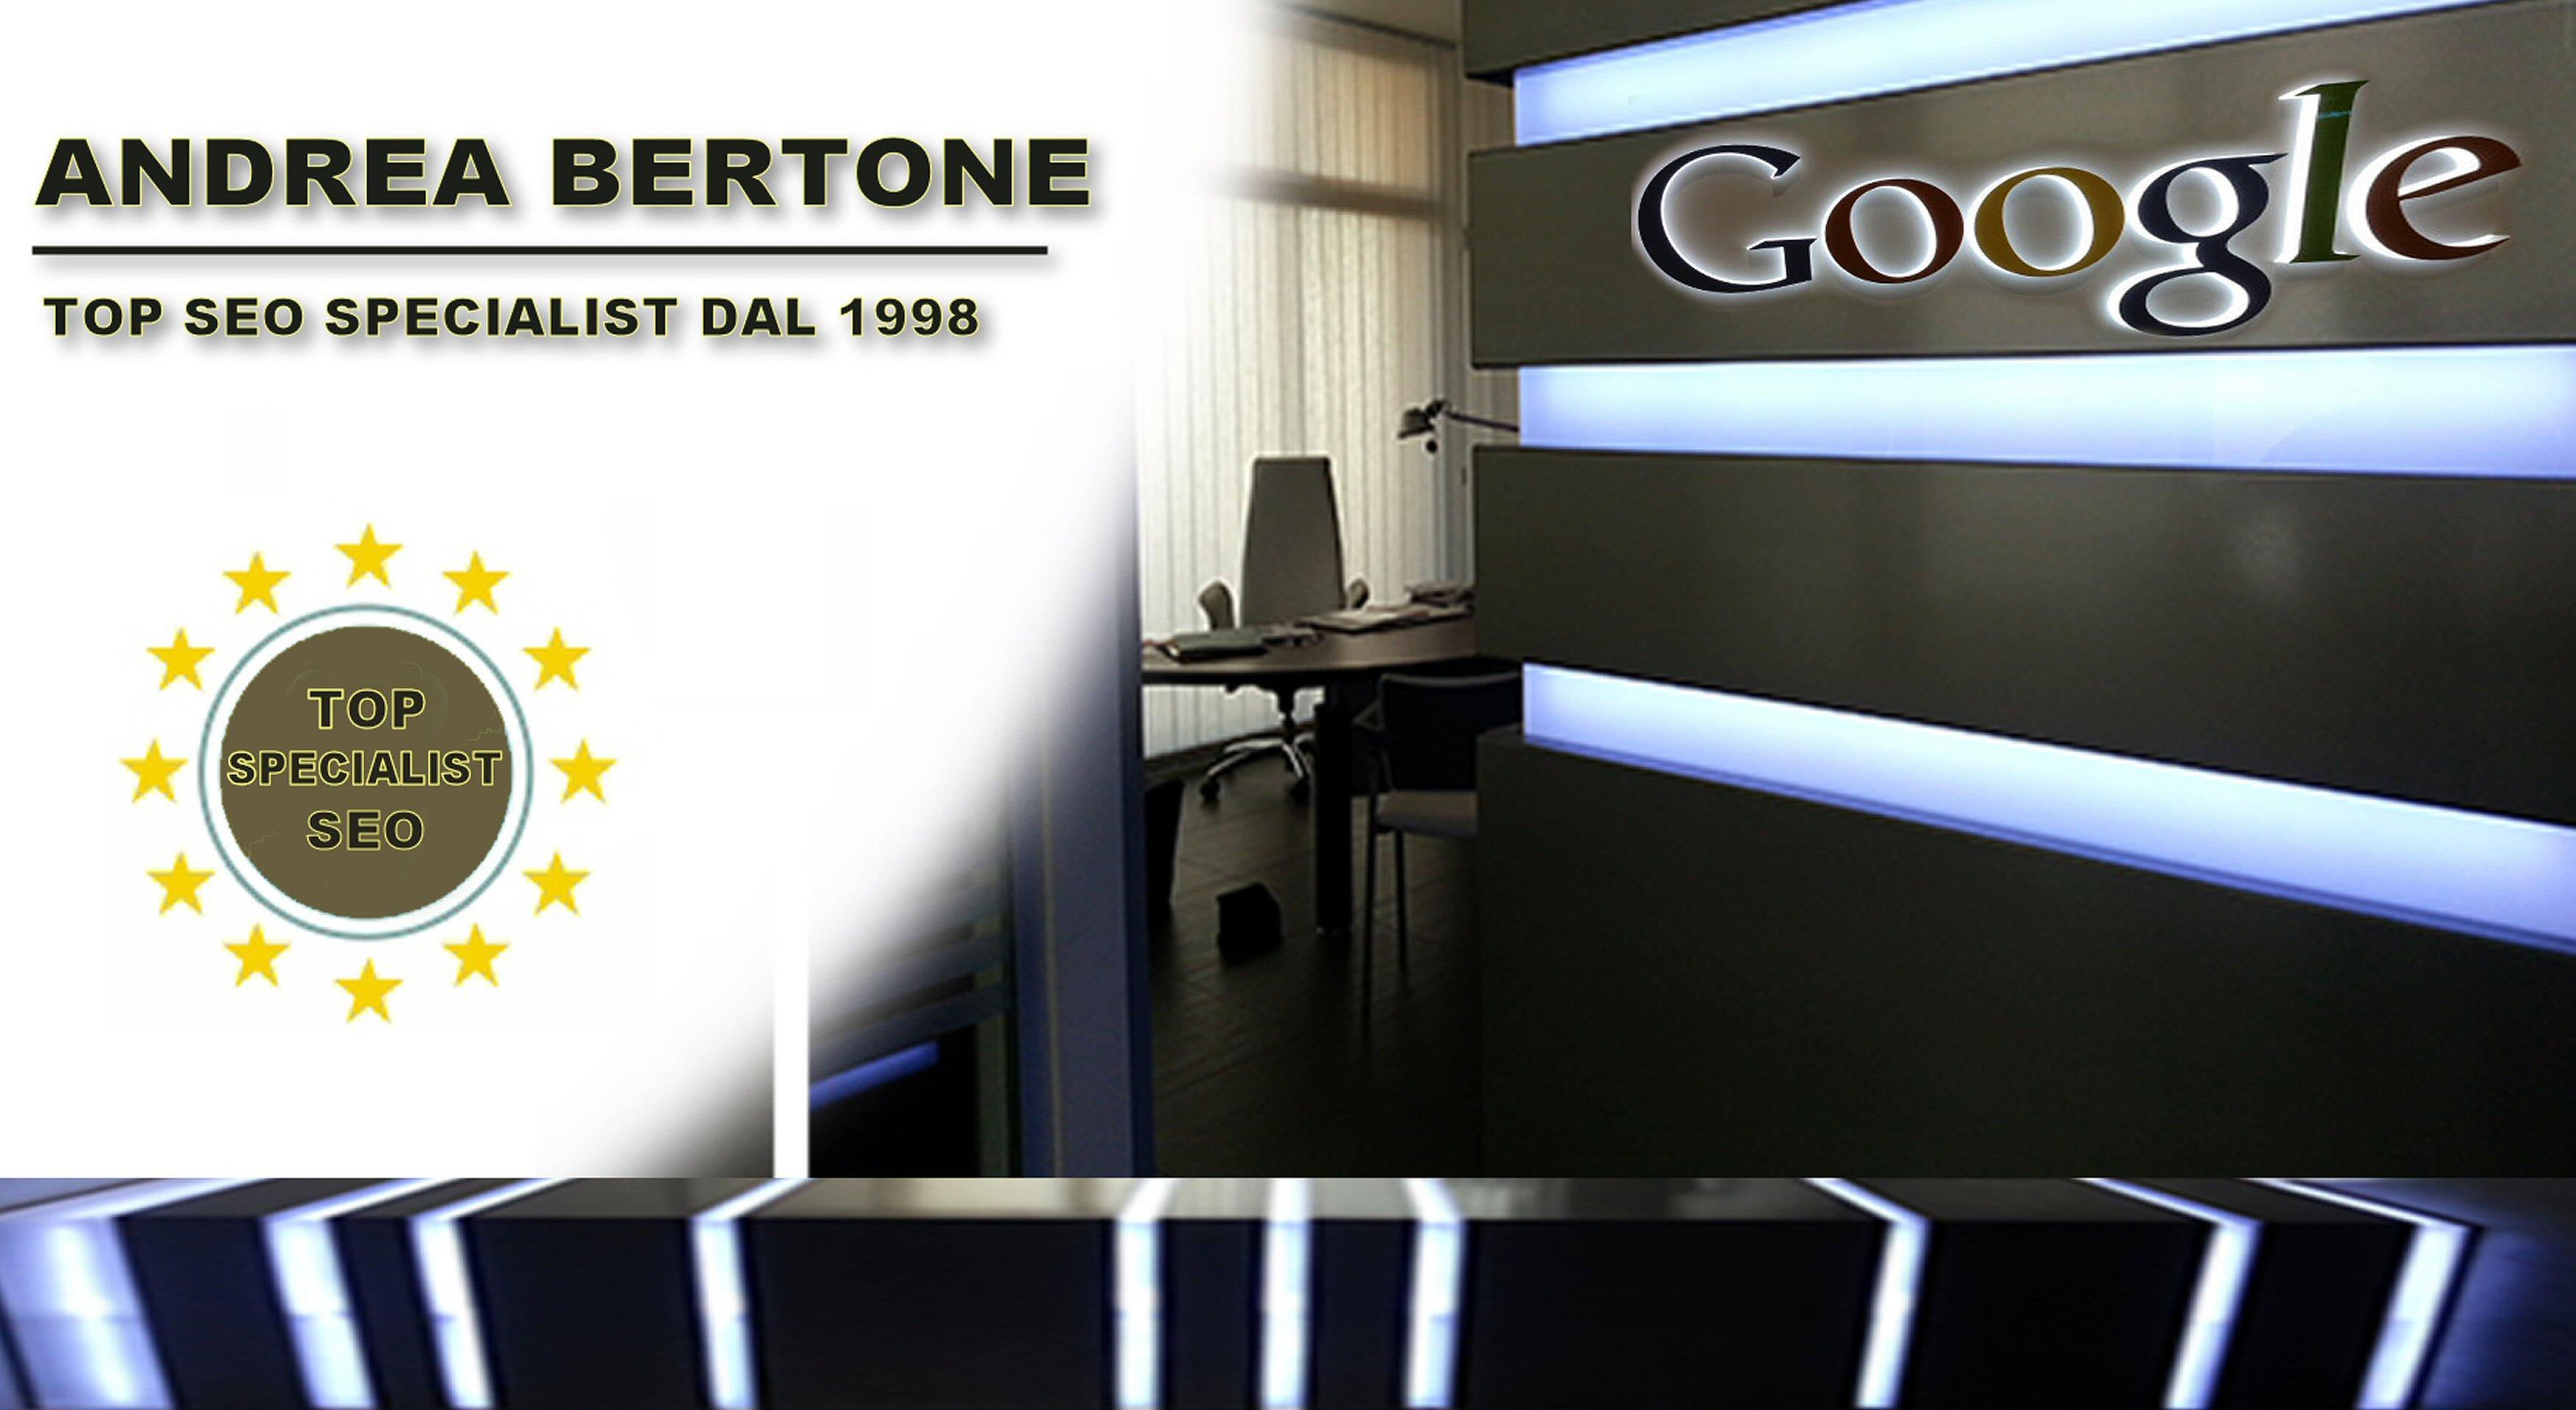 ANDREA BERTONE PRIMI SULLE RICERCHE DI GOOGLE